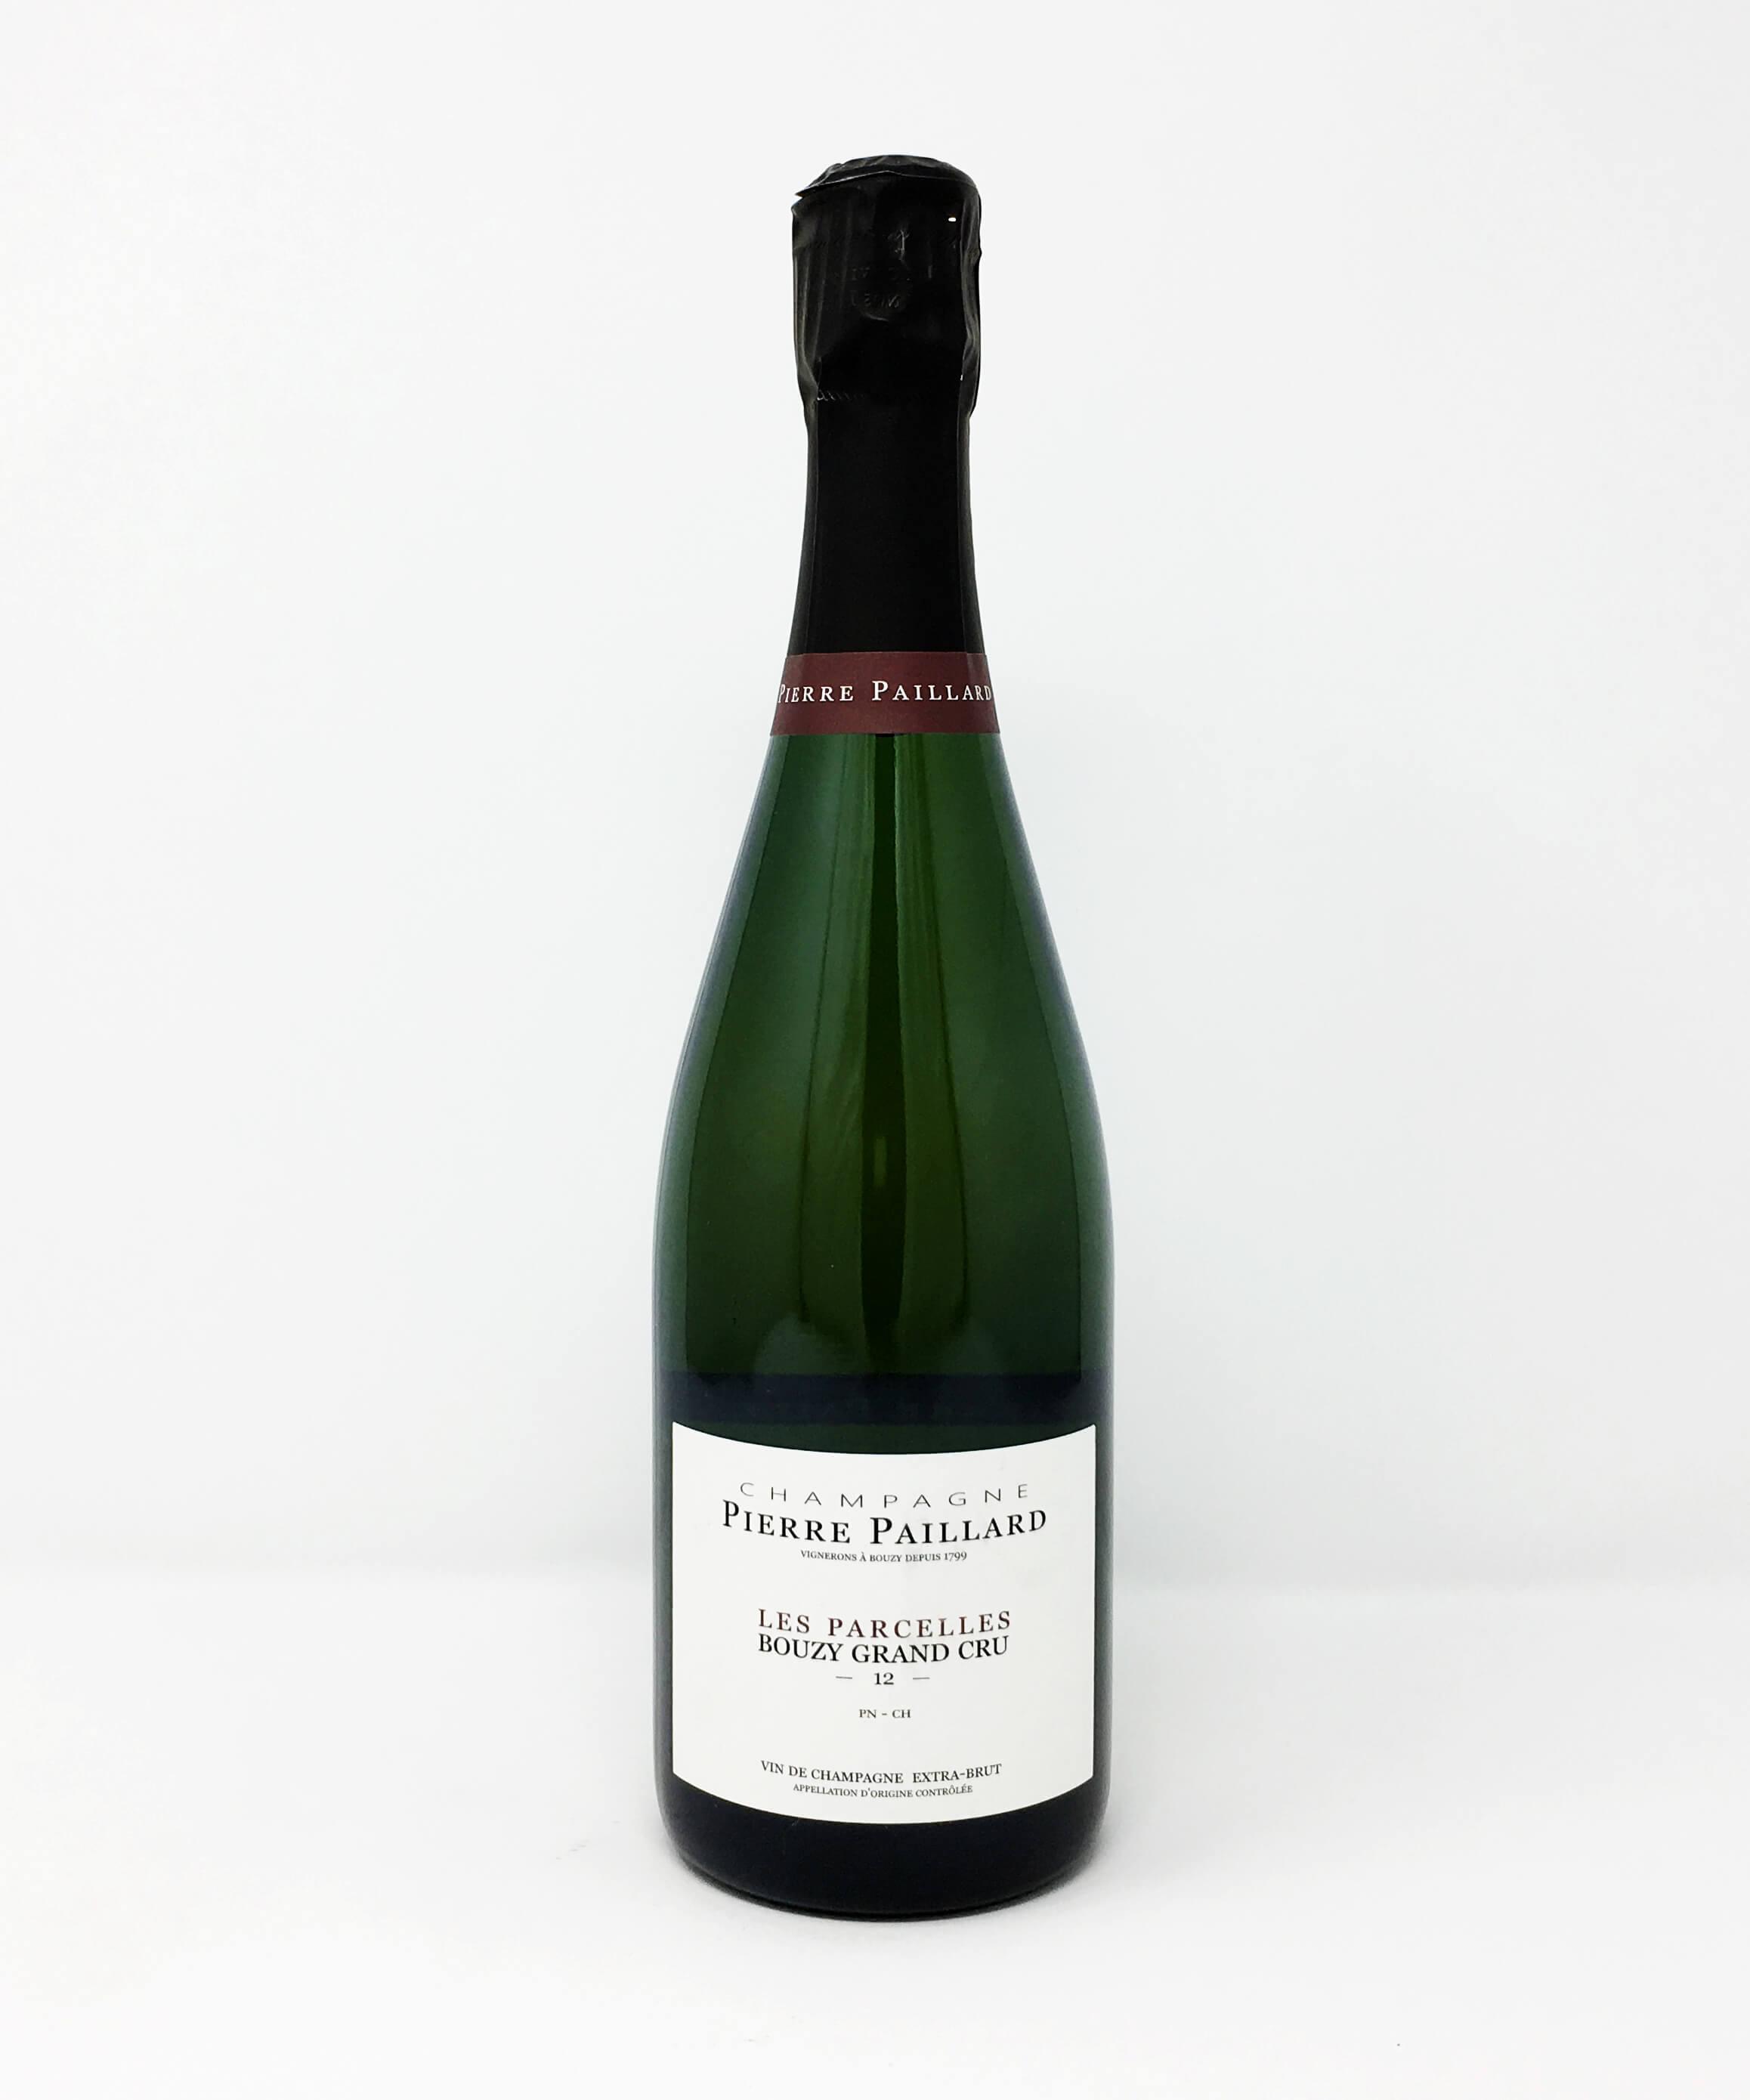 Pierre Paillard, Les Parcelles, Bouzy Grand Cru